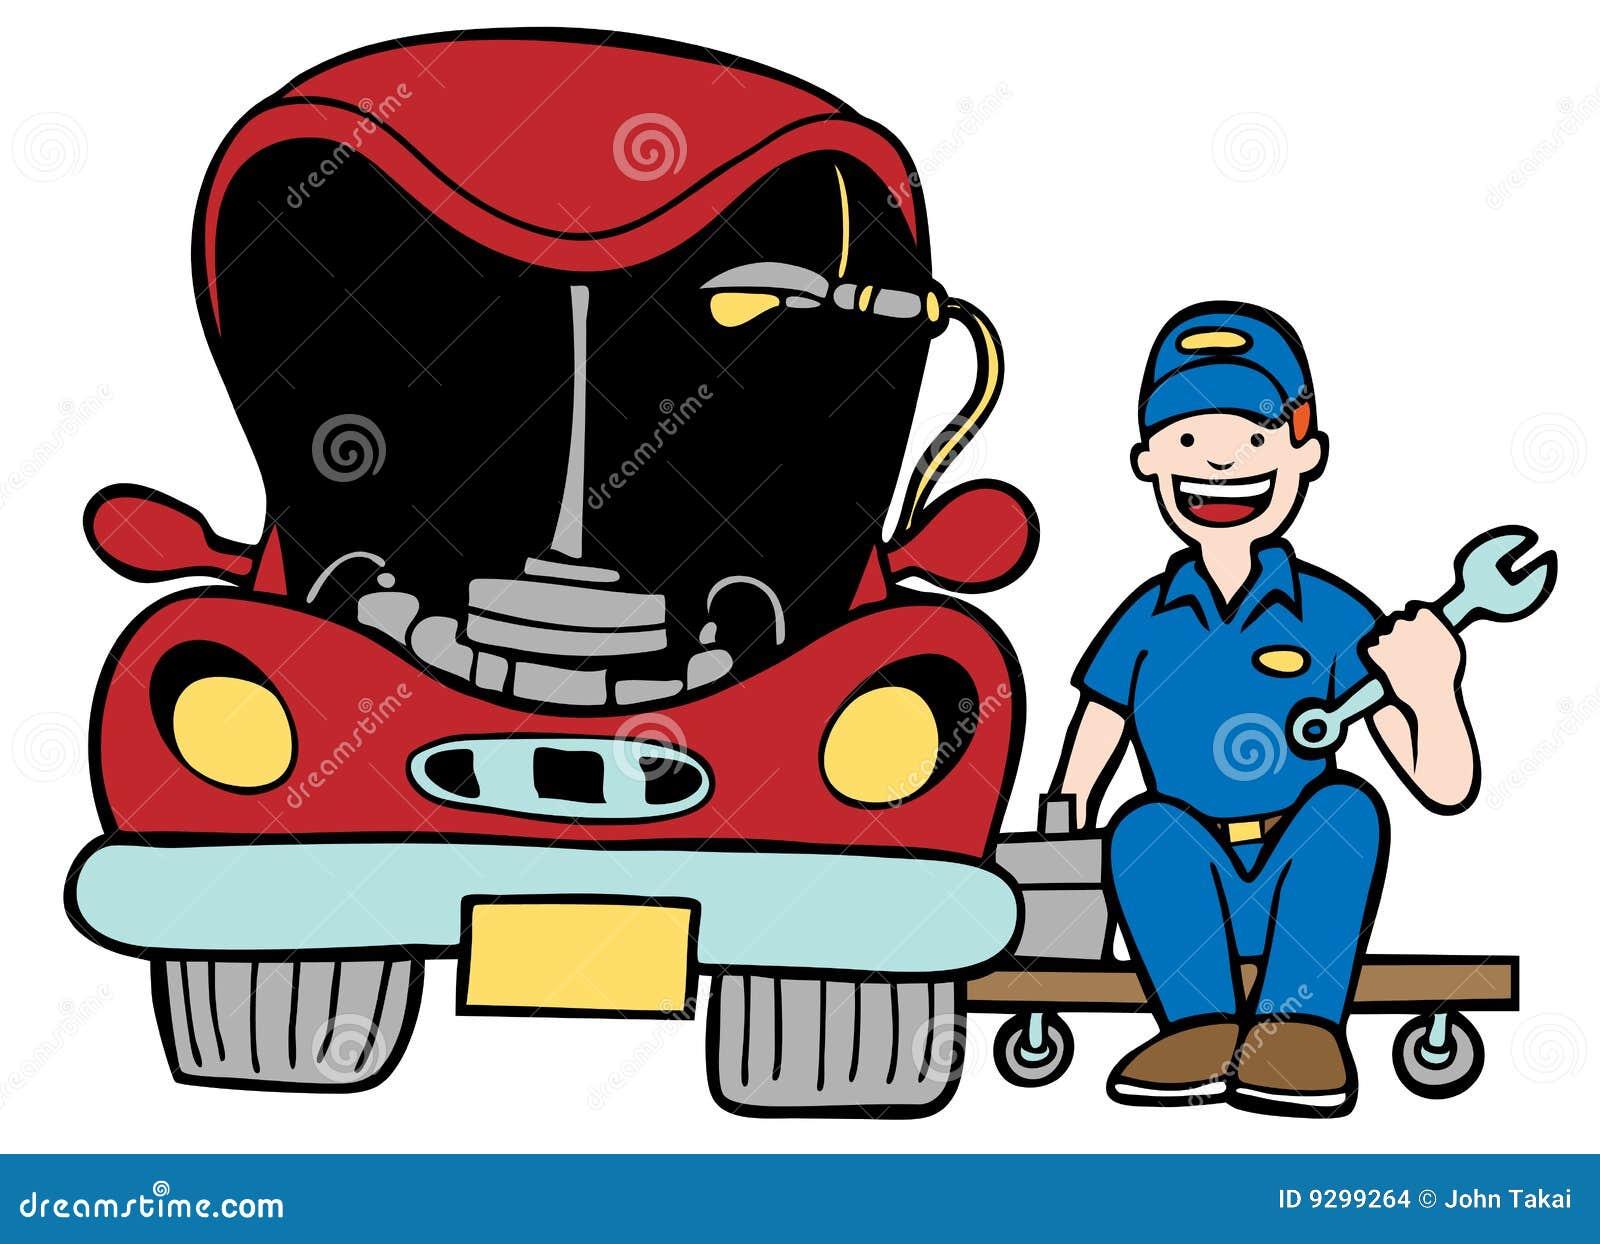 fixing a car clipart